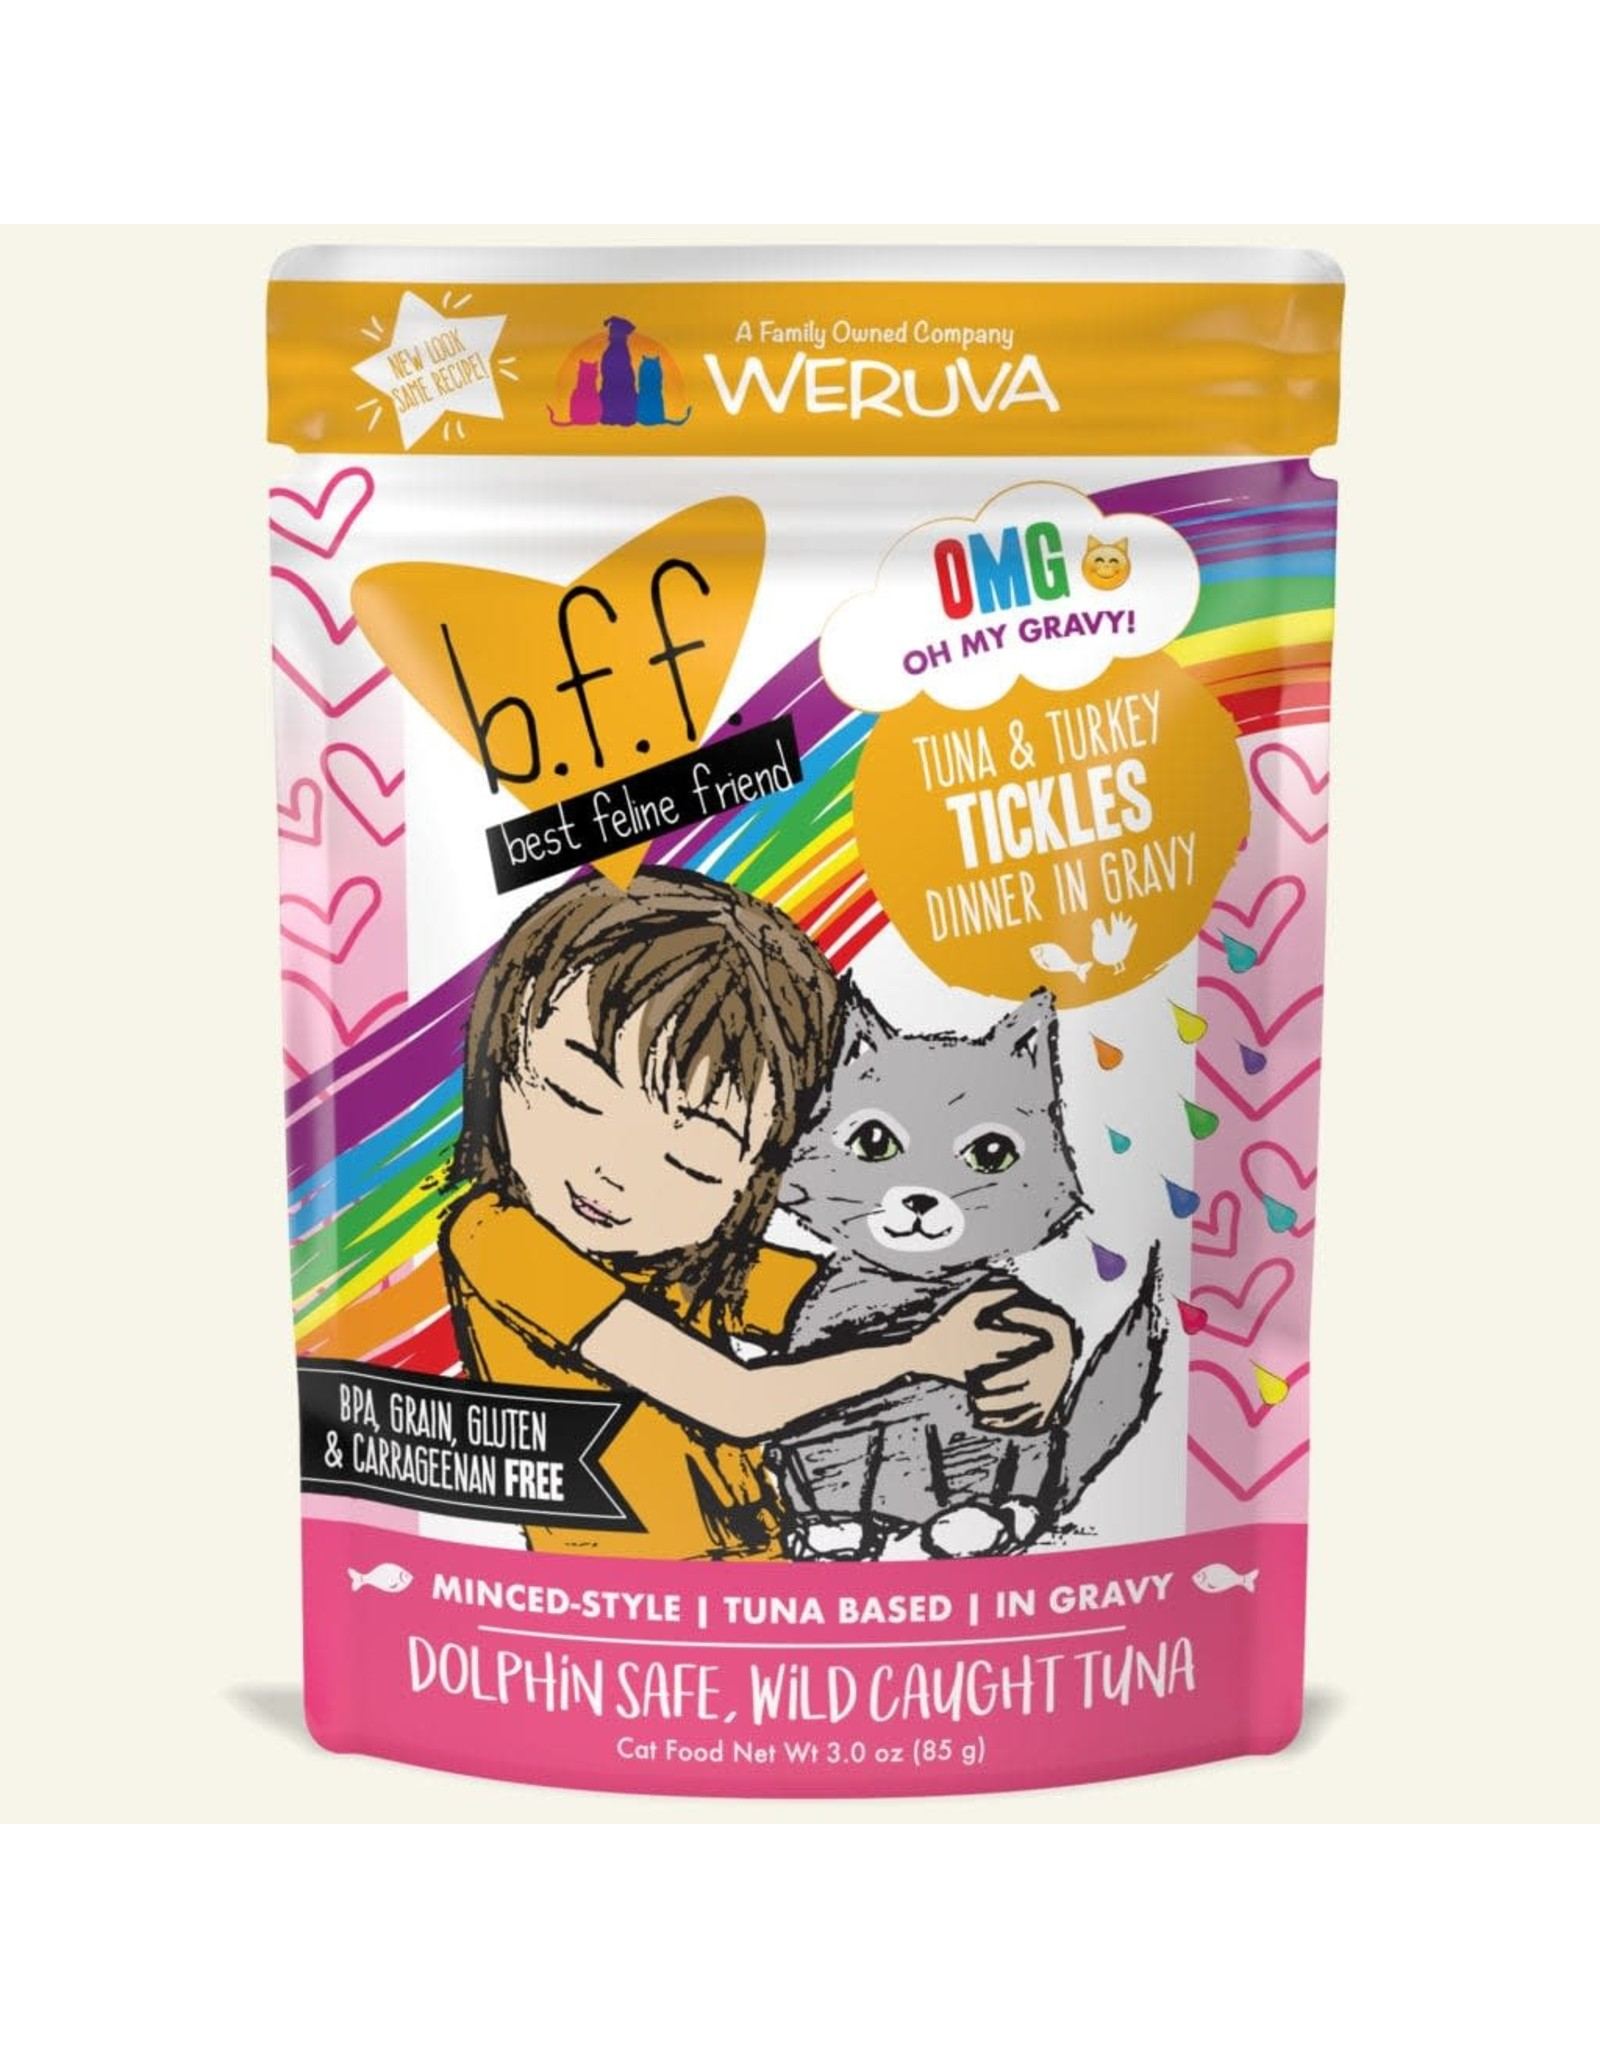 Weruva Weruva BFF OMG! Tickles Tuna & Turkey Dinner in Gravy Cat Food 3oz Pouch